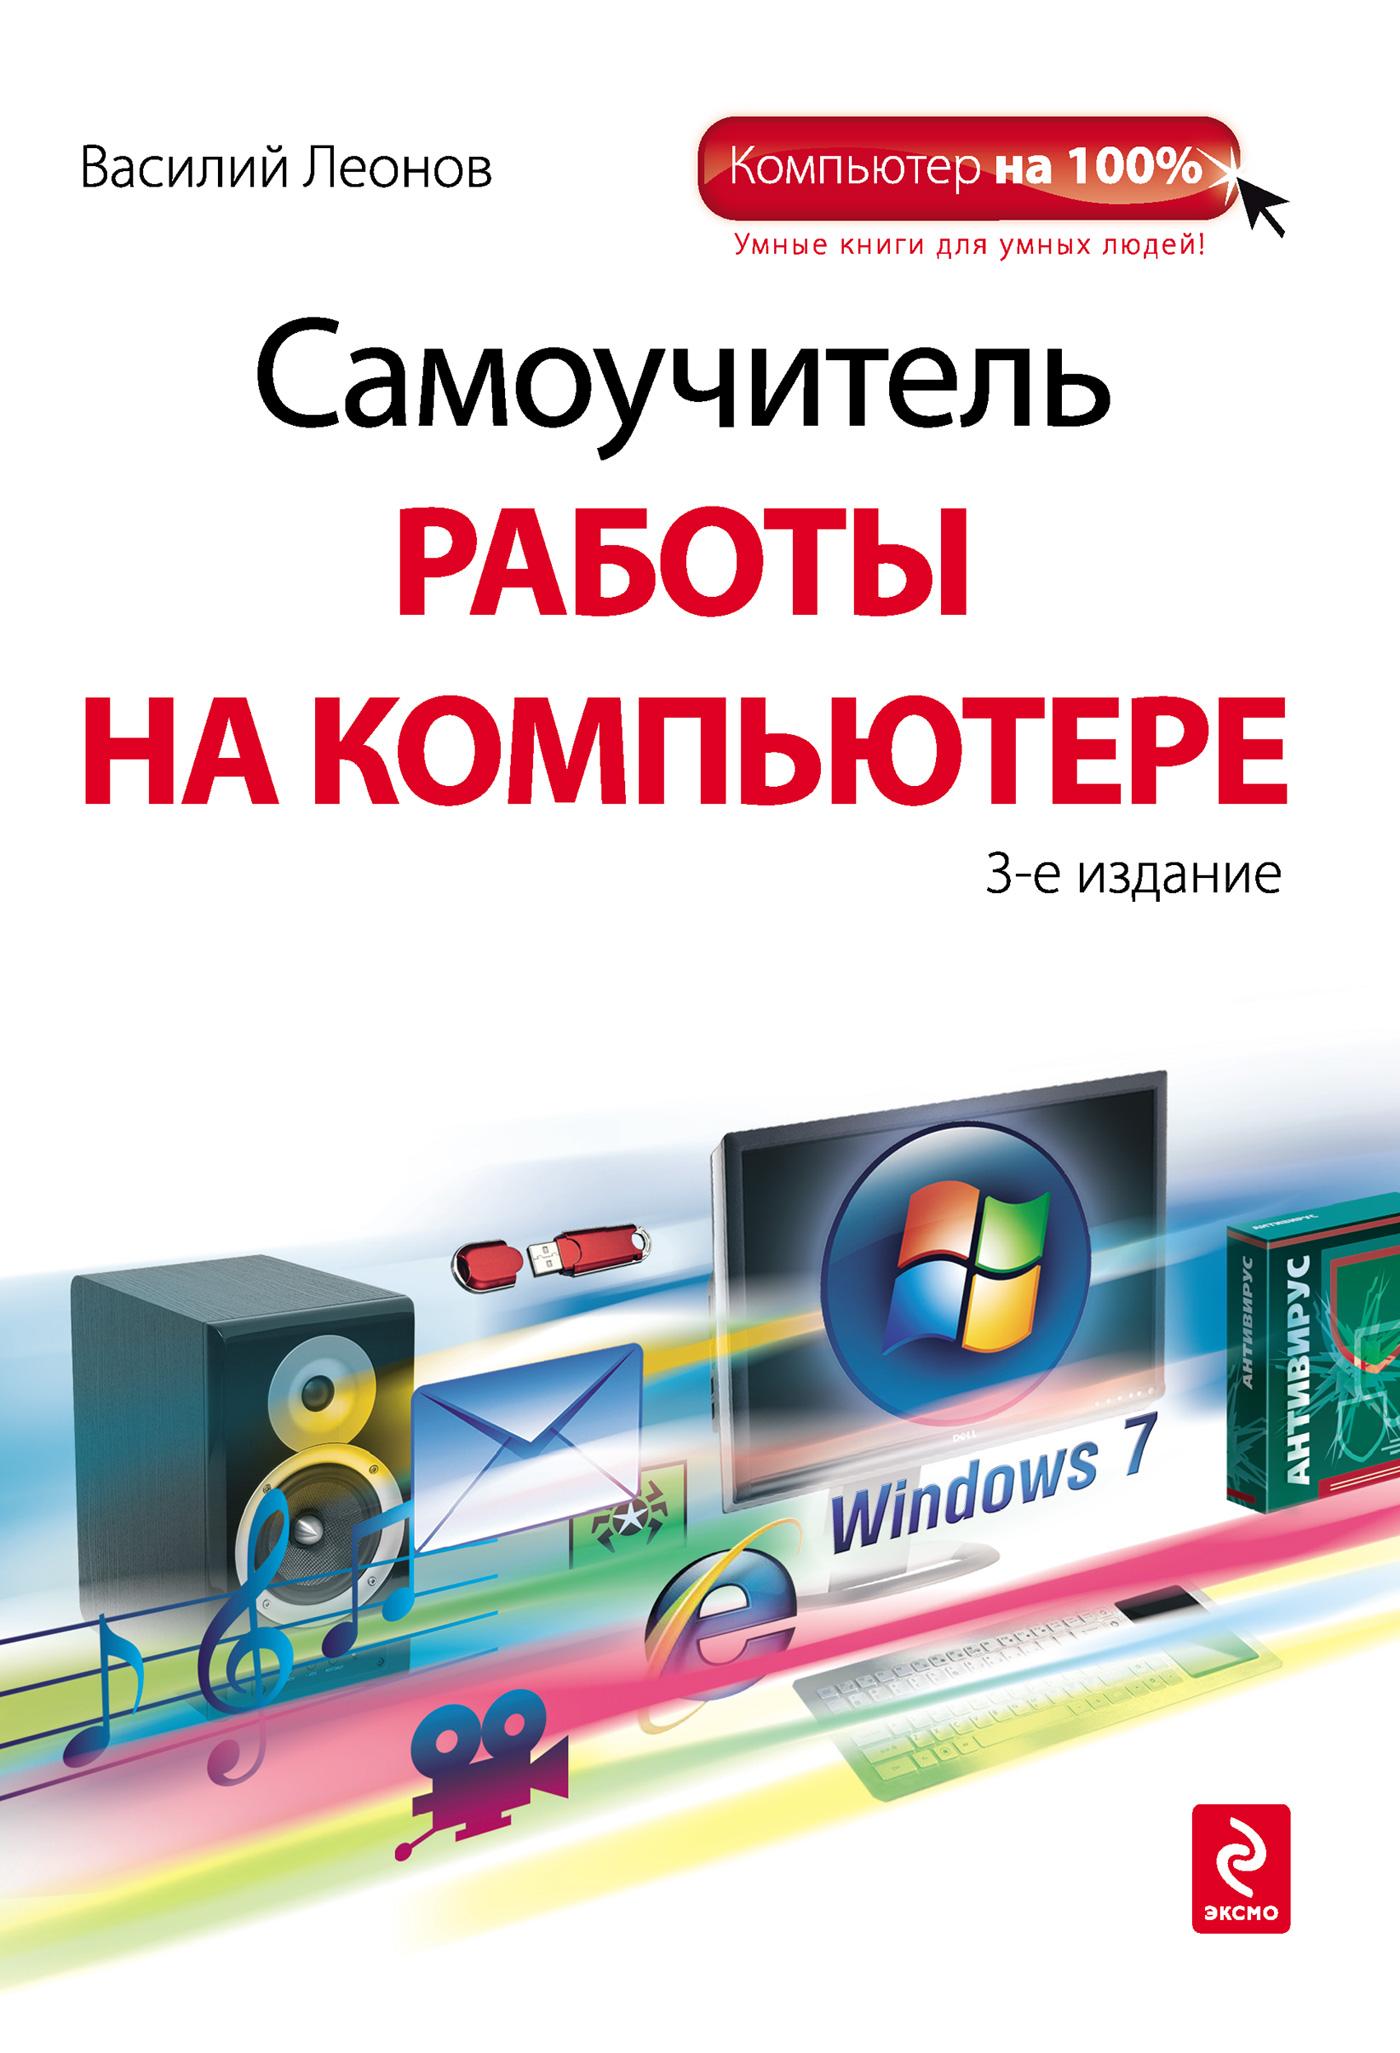 Василий Леонов Самоучитель работы на компьютере леонов в цветной самоучитель работы на компьютере